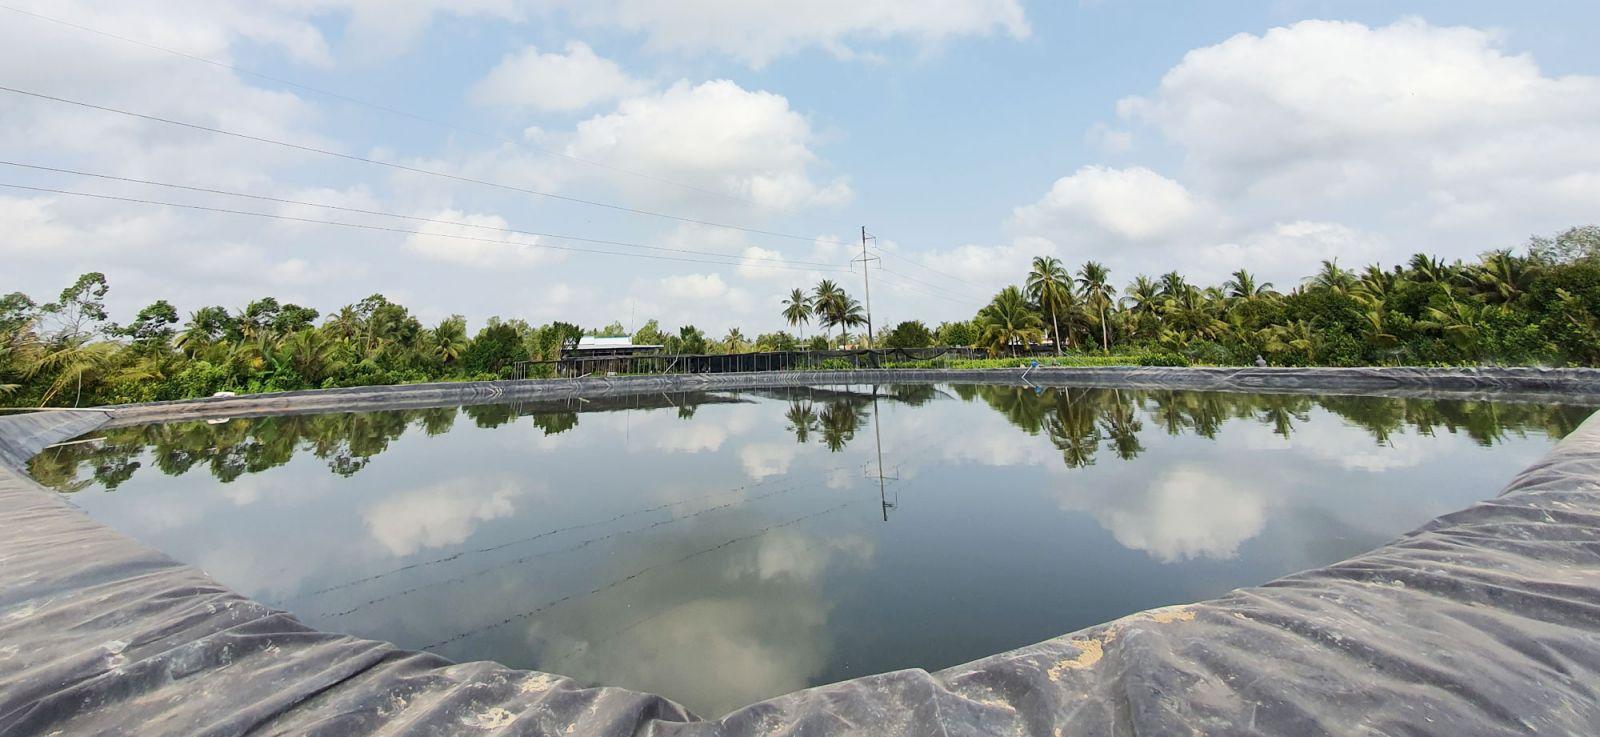 Đồng Khởi trữ nước mưa, nước ngọt